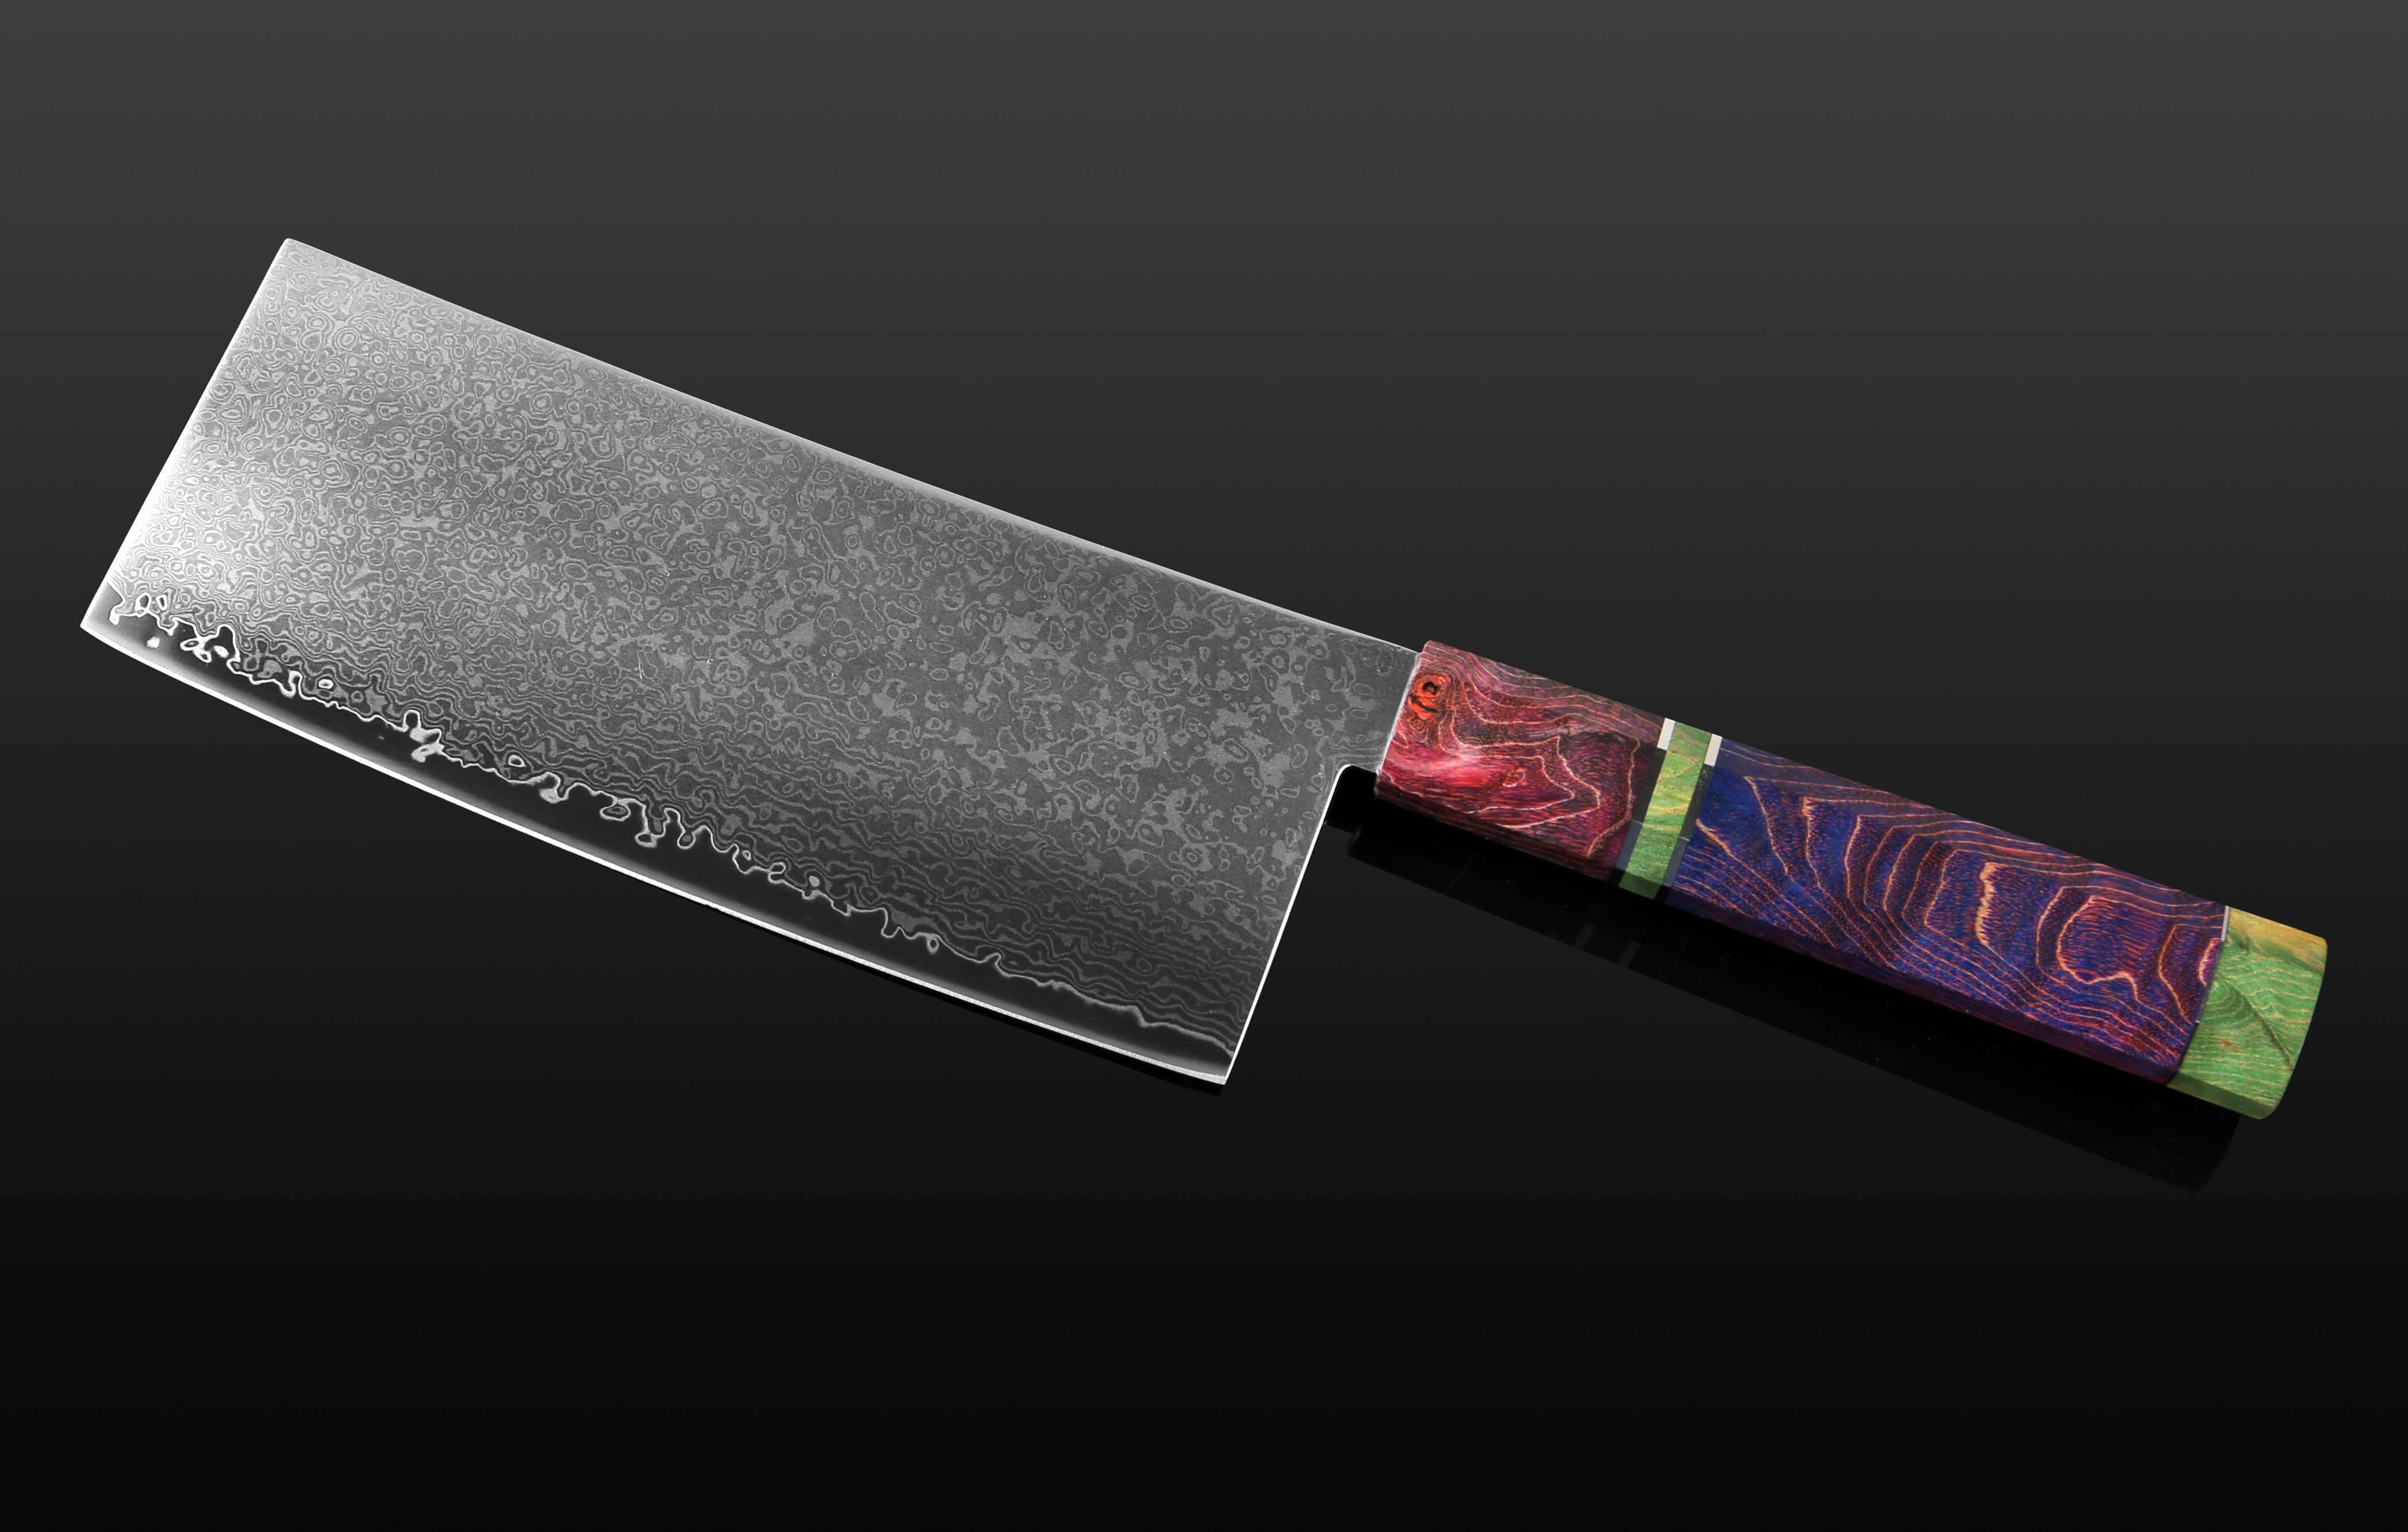 XITUO In Acciaio di Damasco Coltello Da Chef Japanes Professionale Coltello Da Cucina Sharp Mannaia Affettare Macellaio Stabile Manico In Legno Strumento di Cottura